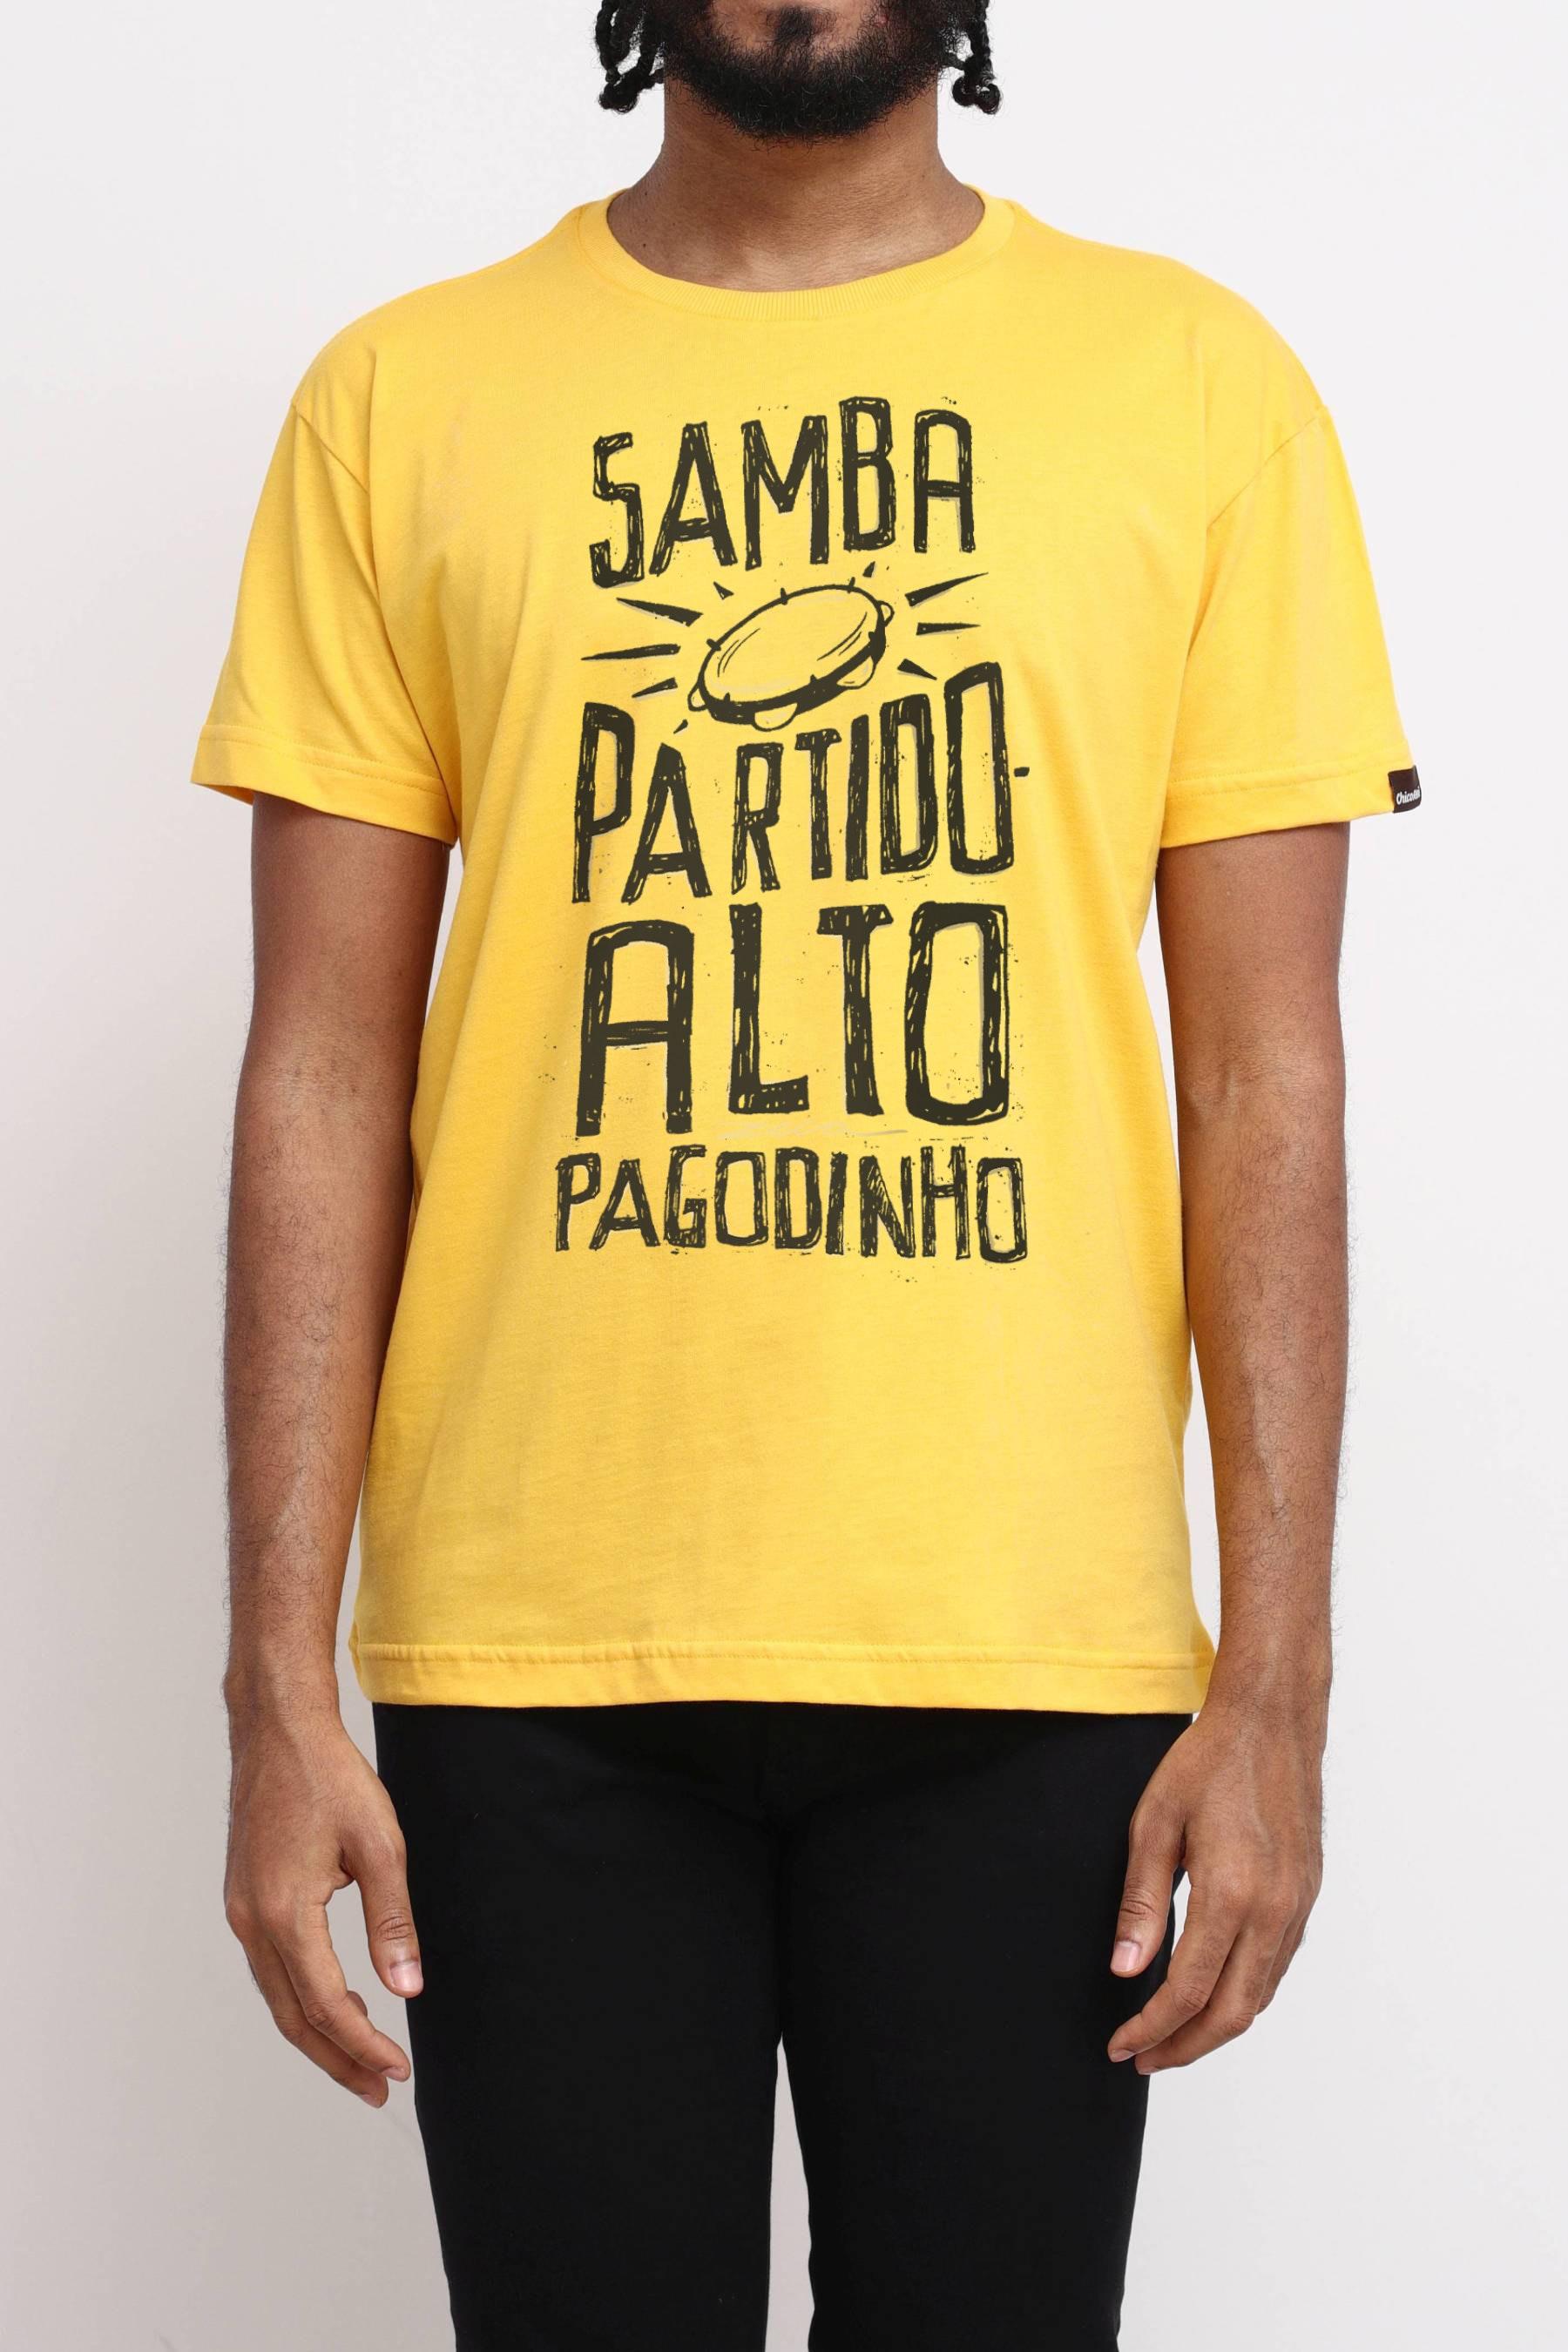 Camiseta Samba, Partido Alto, Pagodinho